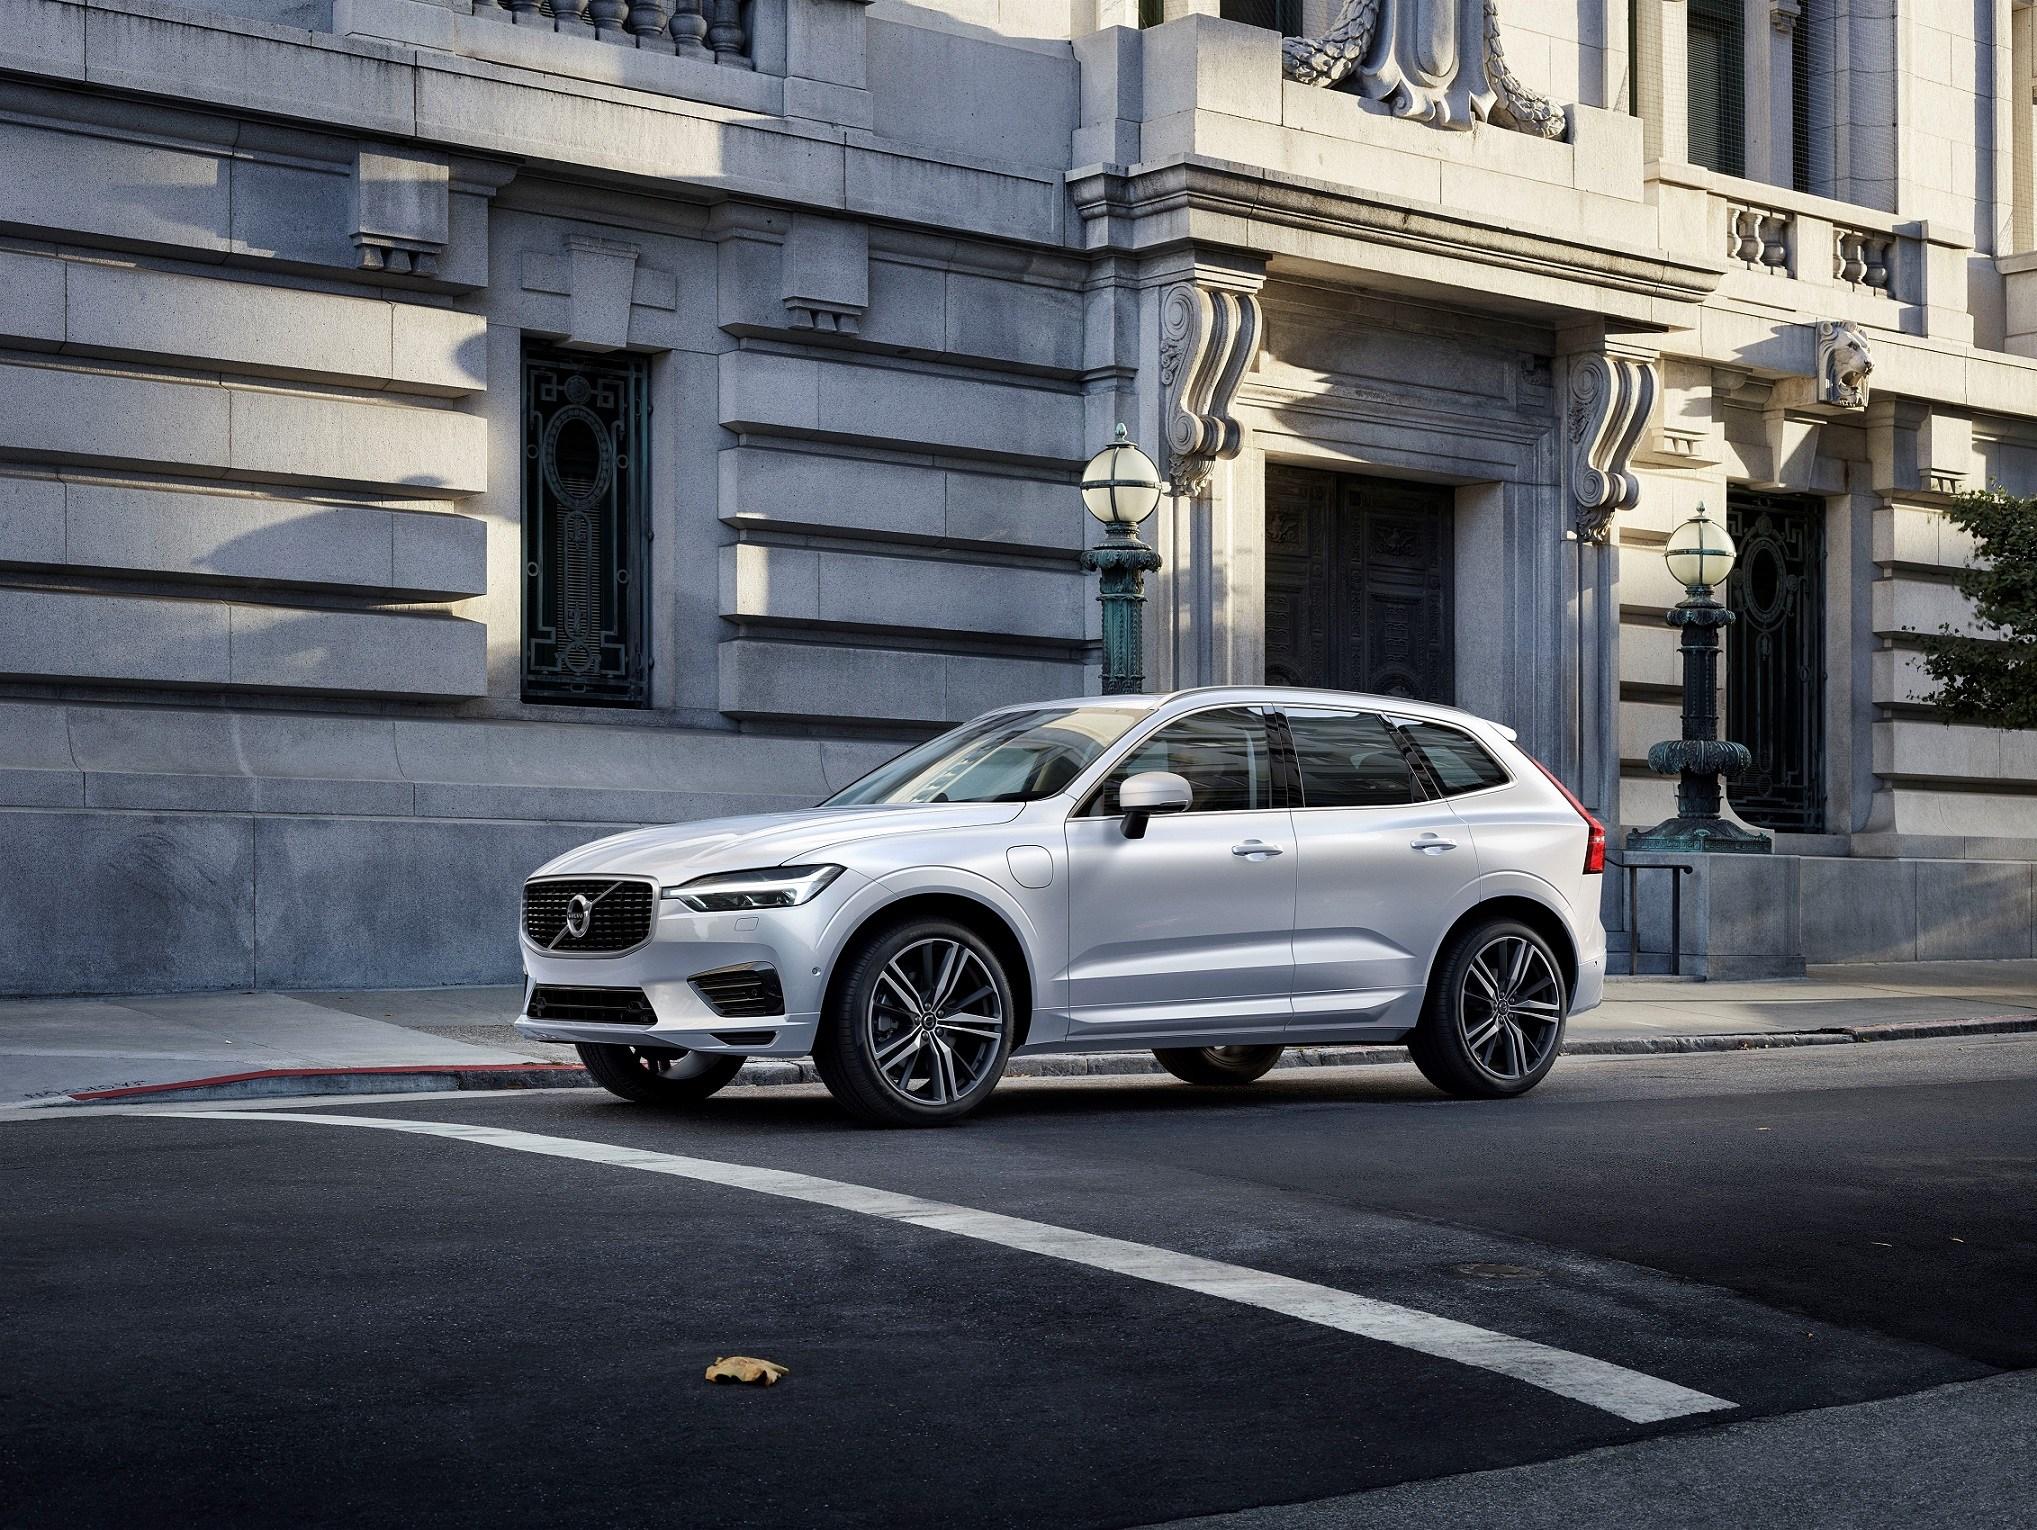 Νέο ρεκόρ πωλήσεων για τη Volvo και το 2018, παγκοσμίως και στην Ελλάδα